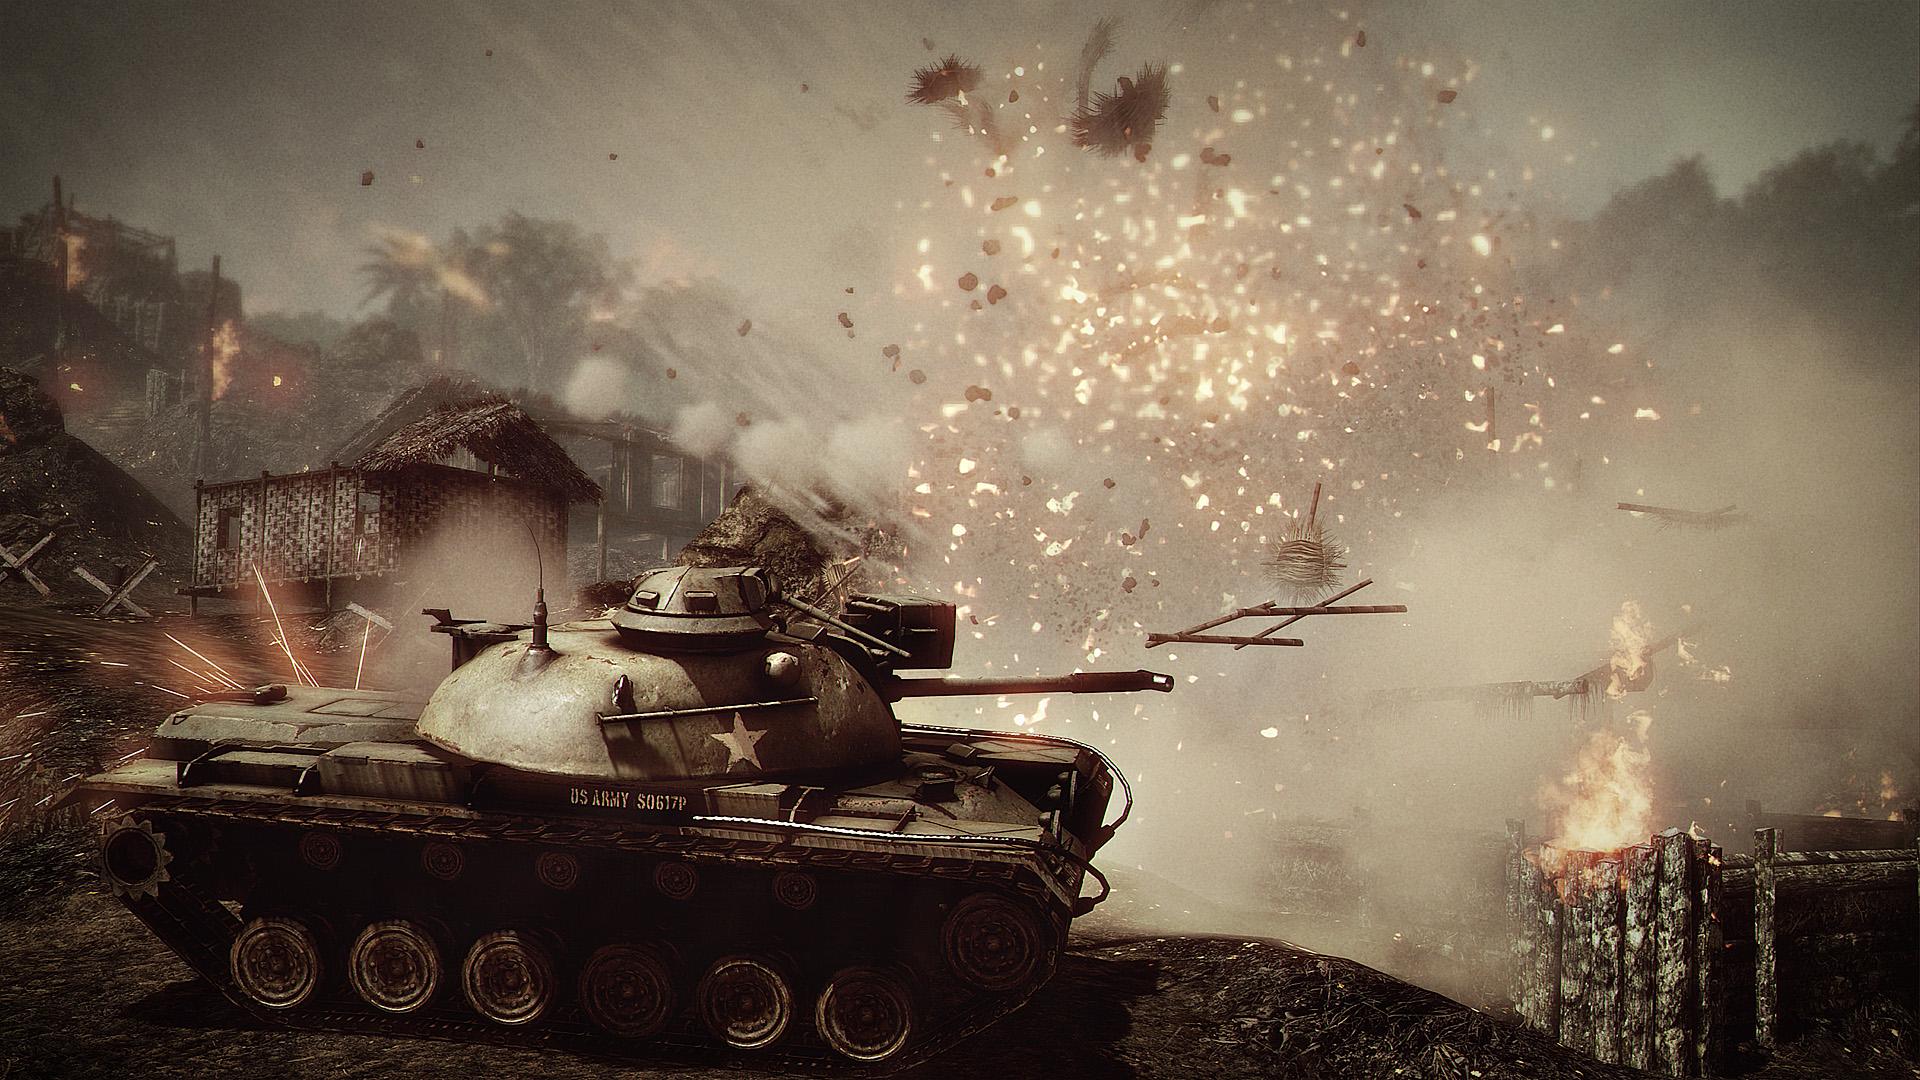 Battlefield Vietnam   Hill 137 03 Wallpaper 1920 x 1080 1920x1080